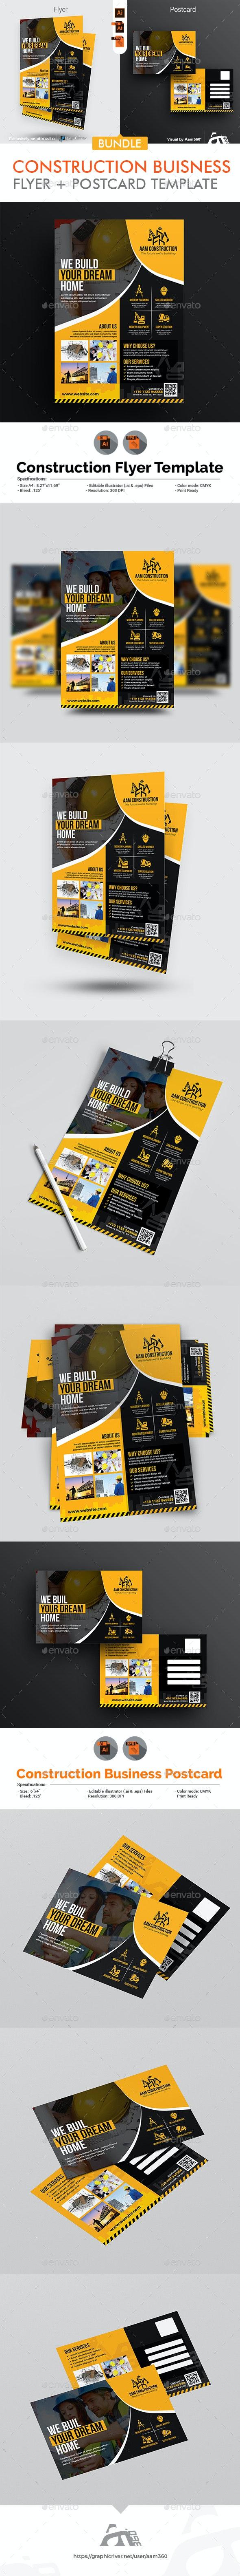 Construction Flyer & Postcard Bundle - Corporate Flyers